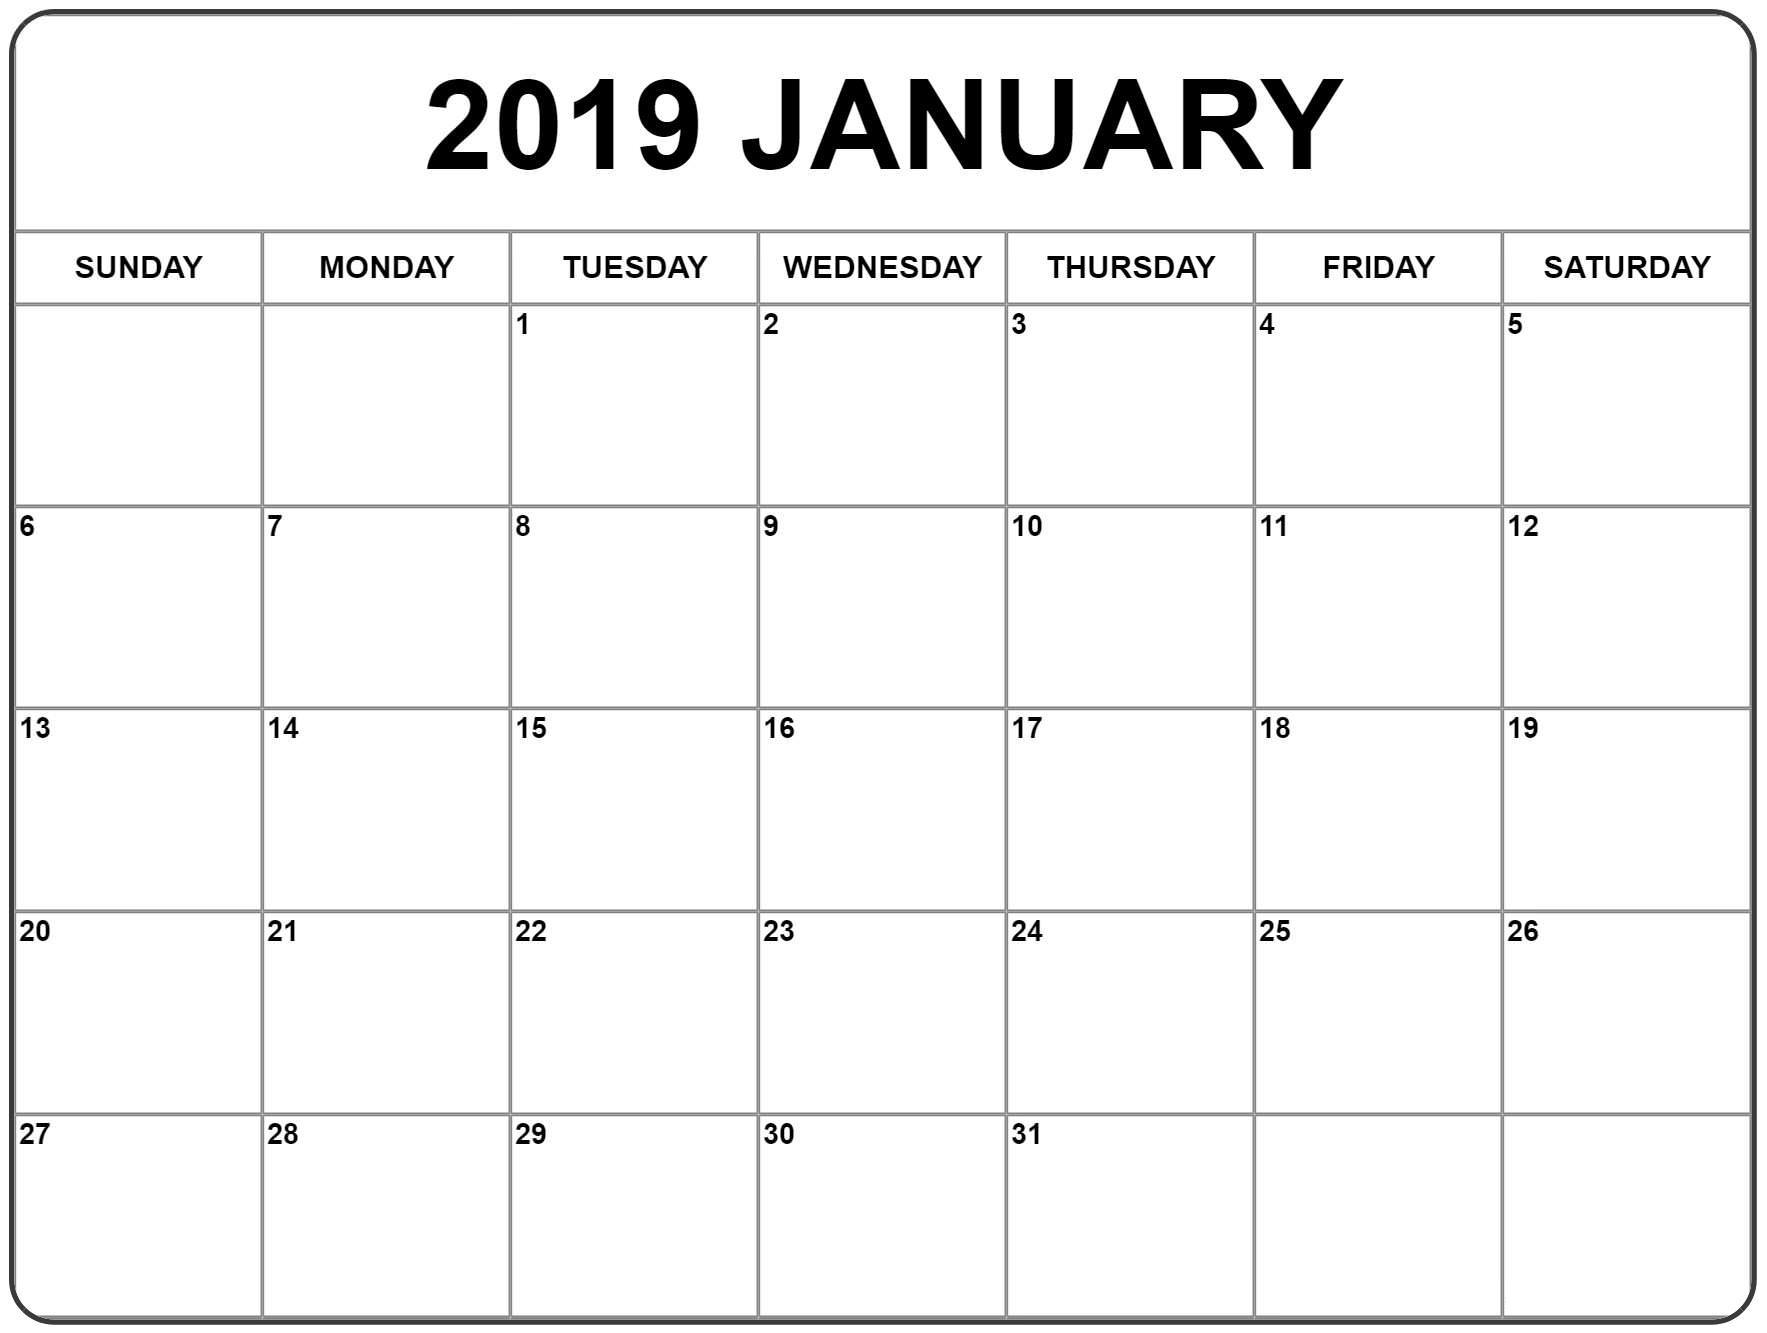 January Calendar 2019 Printable With Holidays Word Free Printable